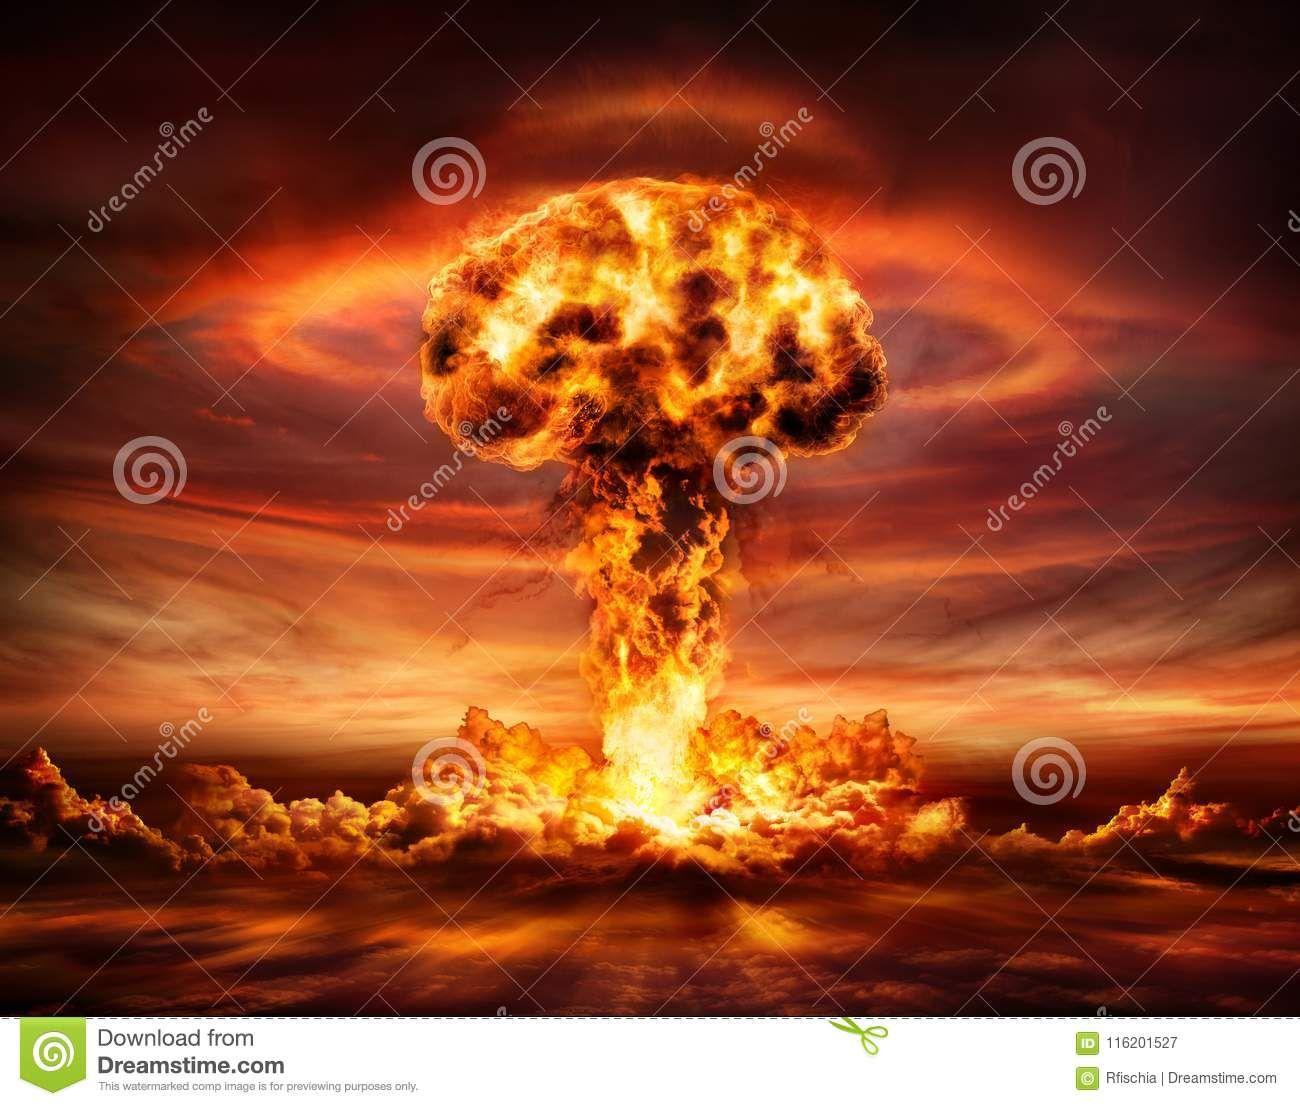 Nuclear Bomb Explosion Mushroom Cloud Mushroom Cloud Nuclear Bomb Stuffed Mushrooms